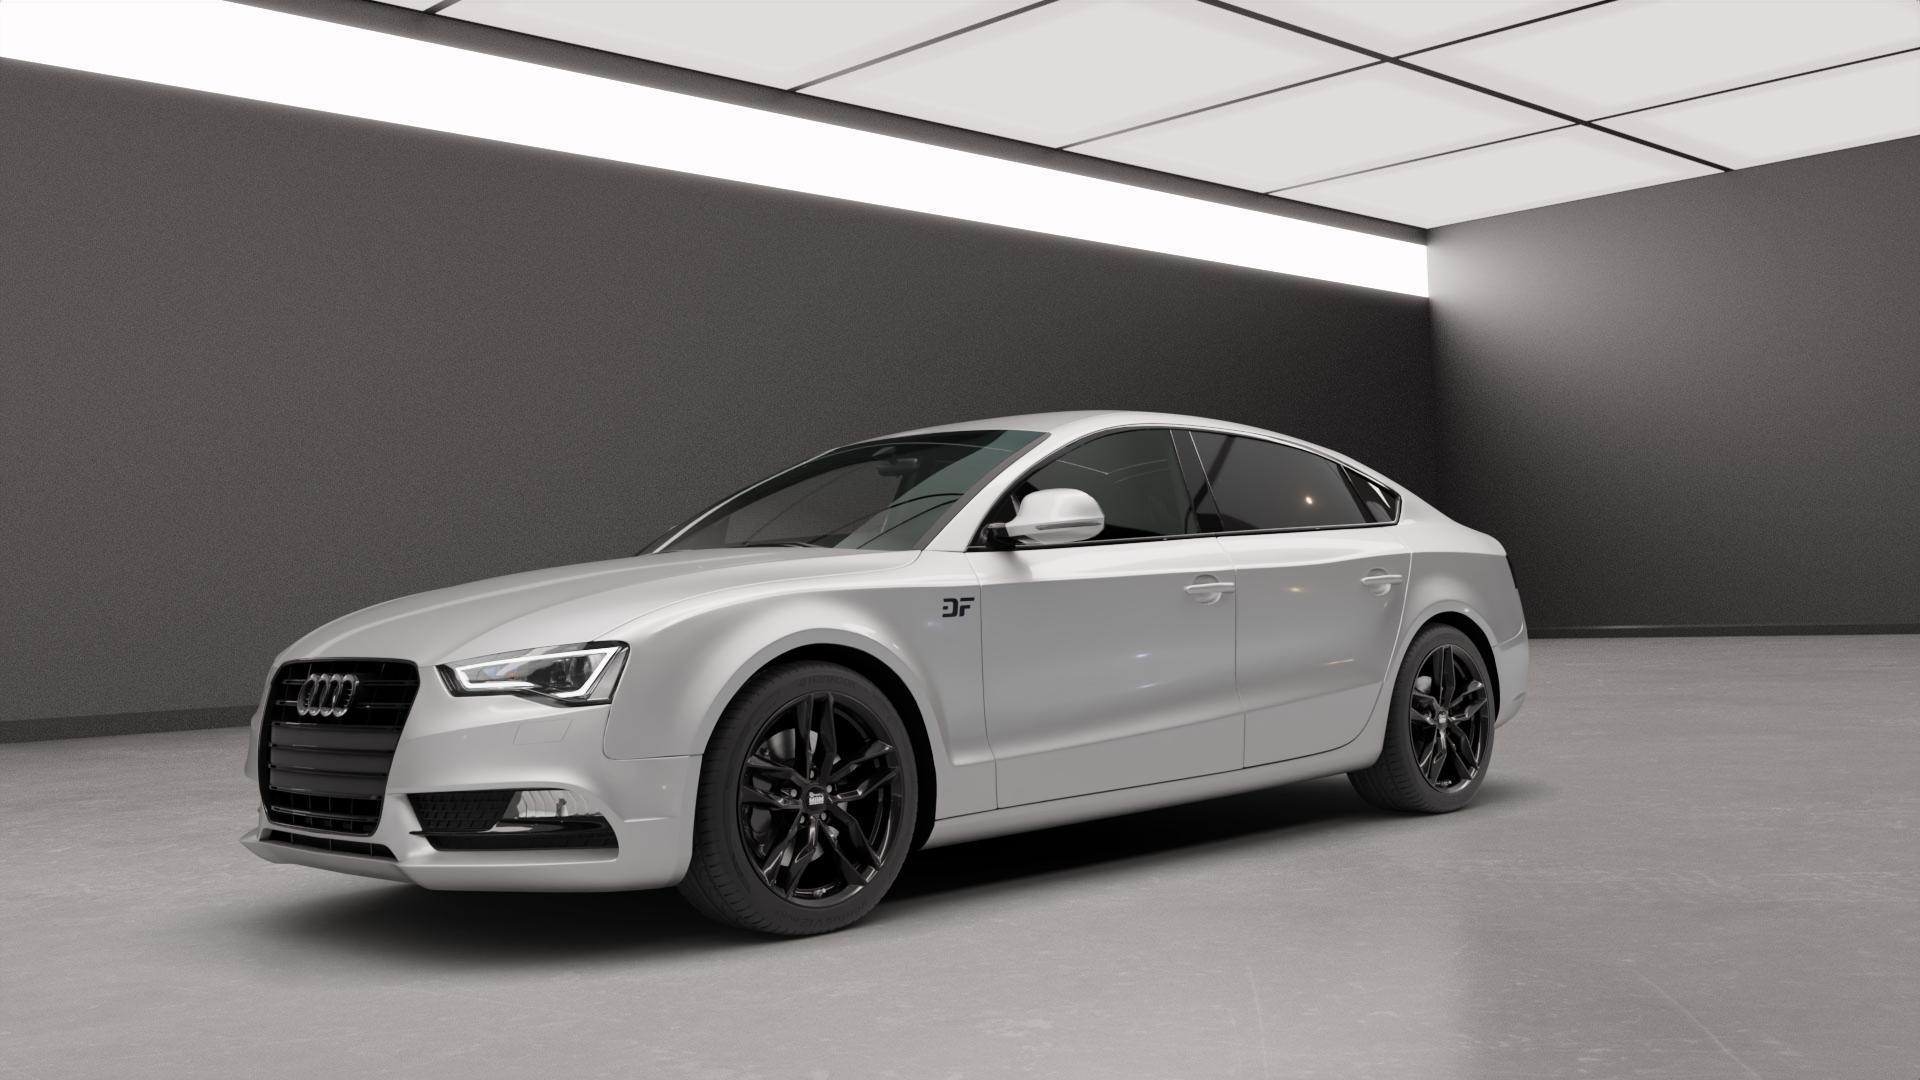 MAM RS3 BLACK PAINTED Felge mit Reifen schwarz in 18Zoll Winterfelge Alufelge auf silbernem Audi A5 Typ B8 (Sportback) Facelift ⬇️ mit 15mm Tieferlegung ⬇️ Neutral_mid_max5300mm Frontansicht_1